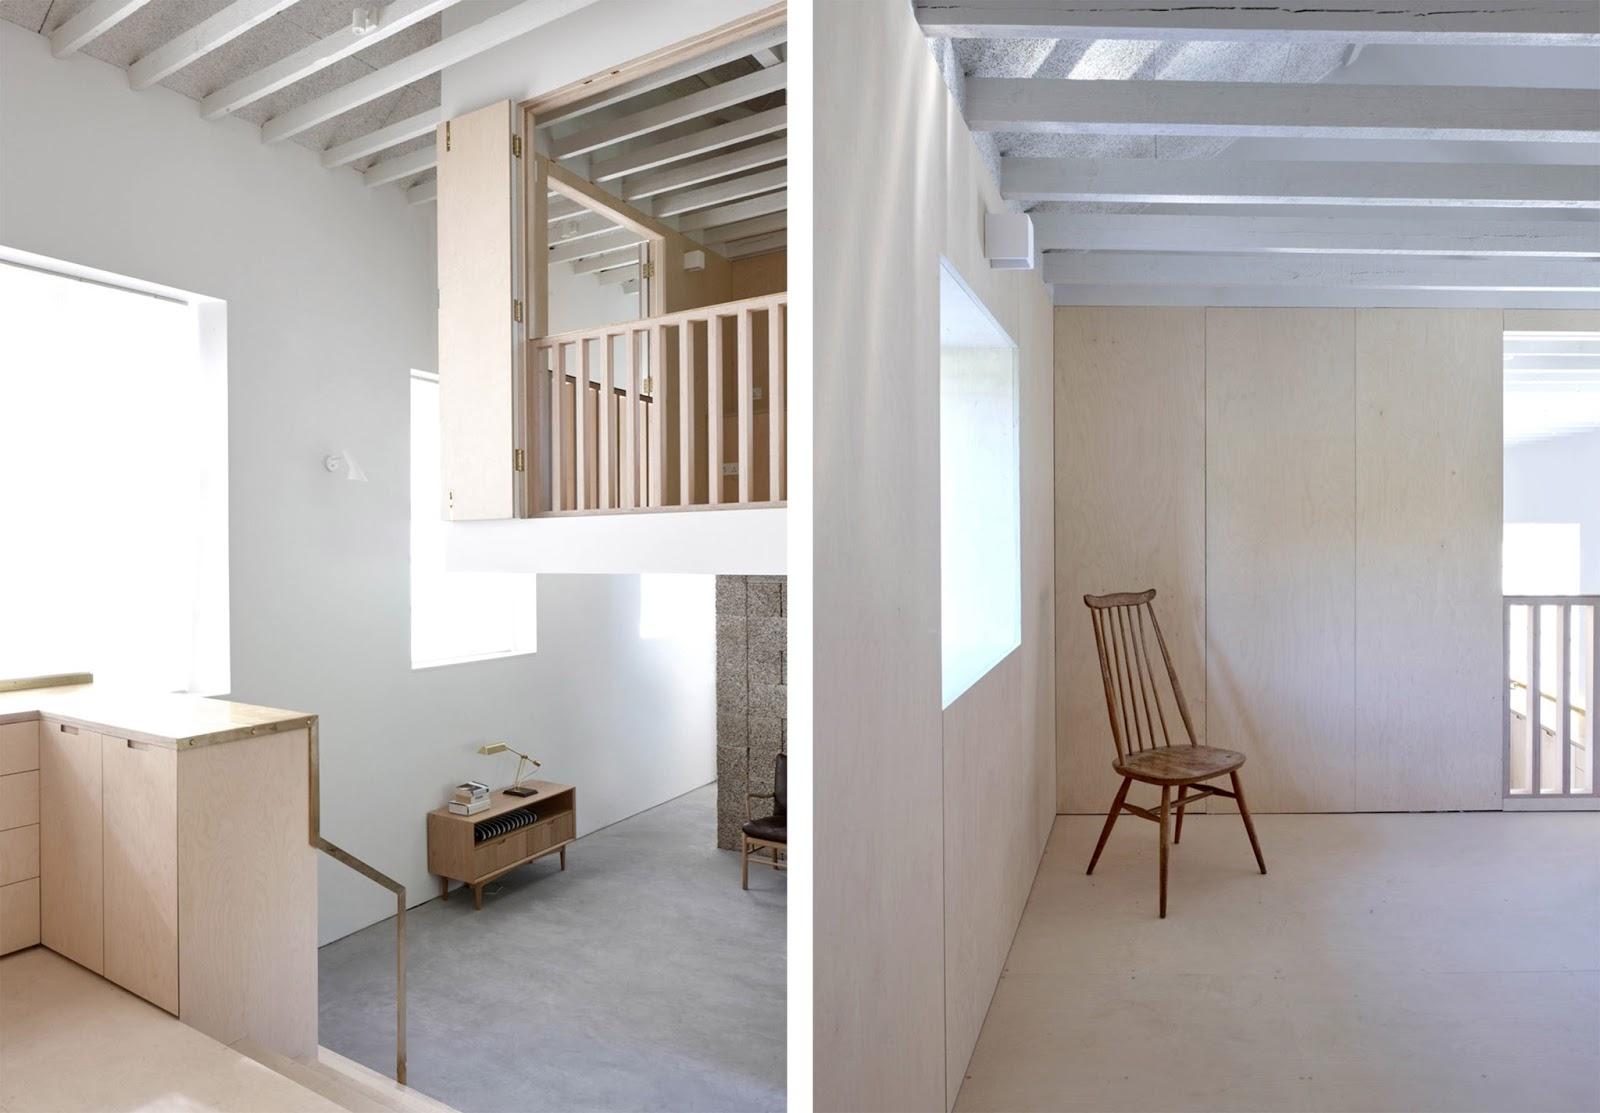 Loft con camera soppalco e cucina su misura by mclaren for Camera soppalco